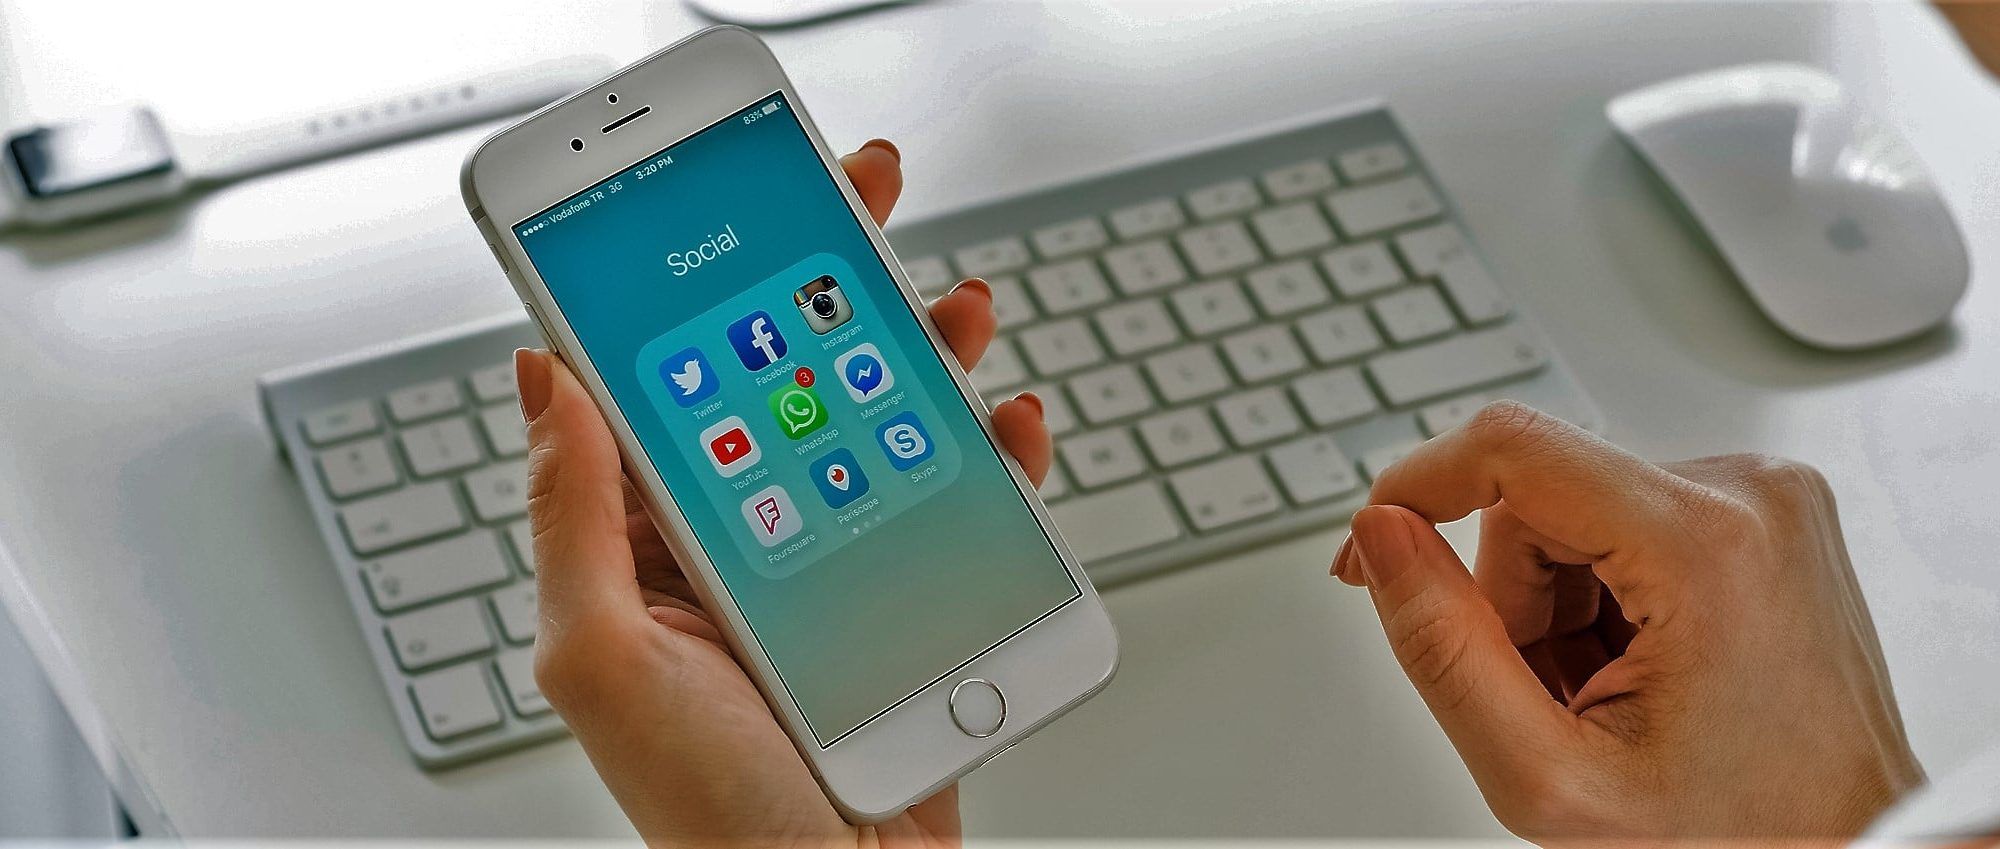 social_media_marketing online shop